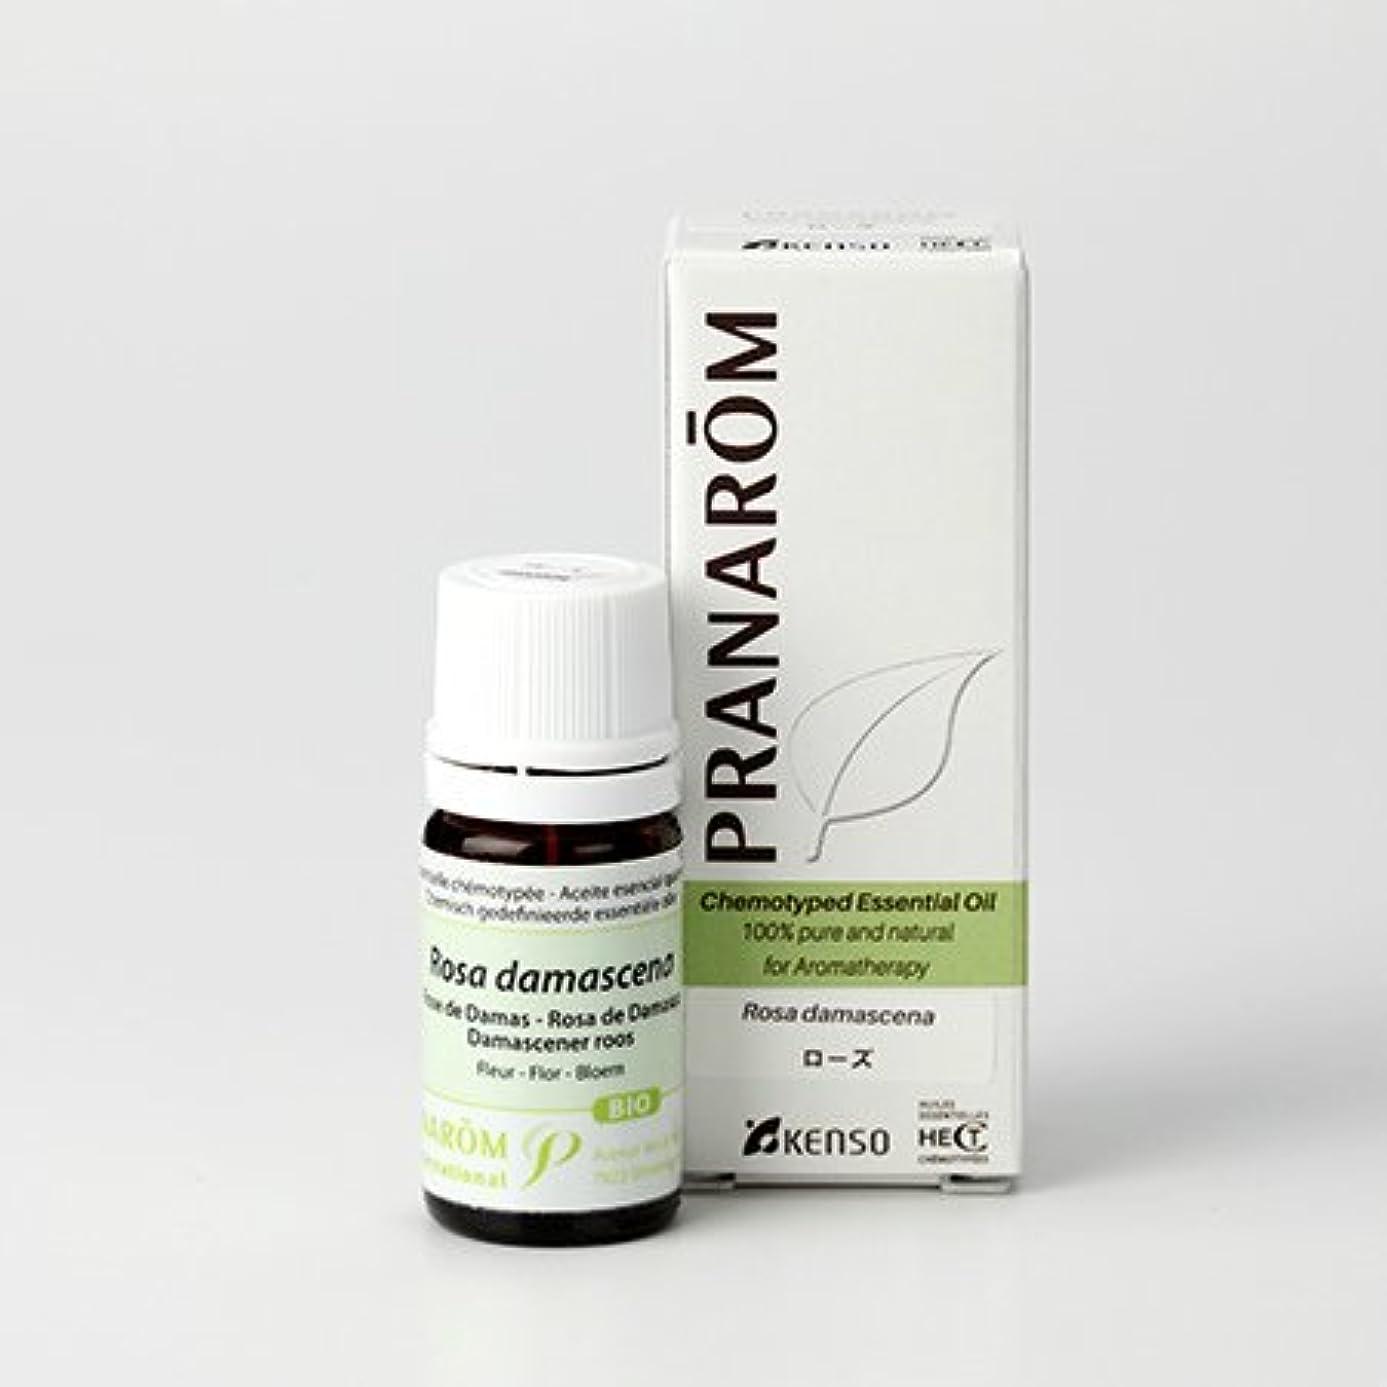 足バルーン必須プラナロム ローズ 5ml (PRANAROM ケモタイプ精油)